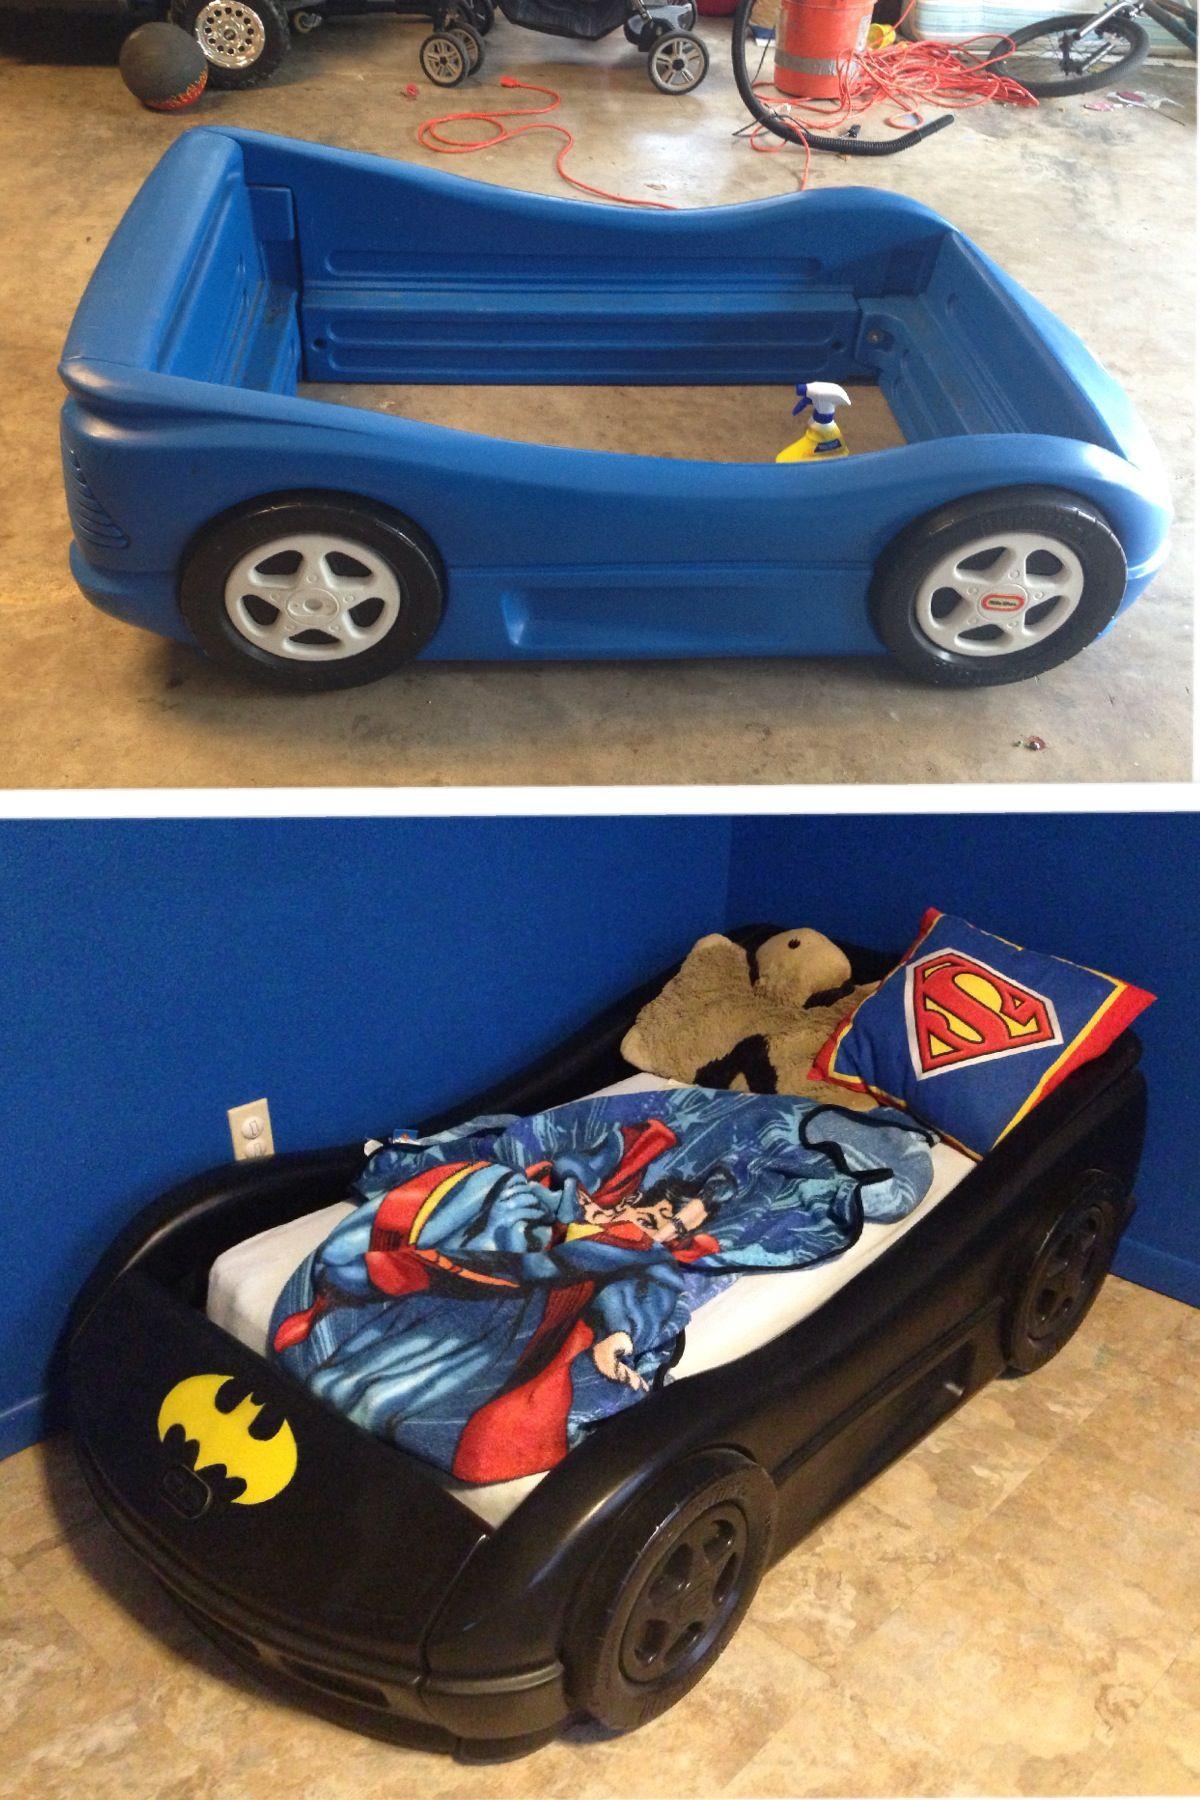 die besten 25 kleinkind autobett ideen auf pinterest autobett rennwagen bett und coole junge. Black Bedroom Furniture Sets. Home Design Ideas